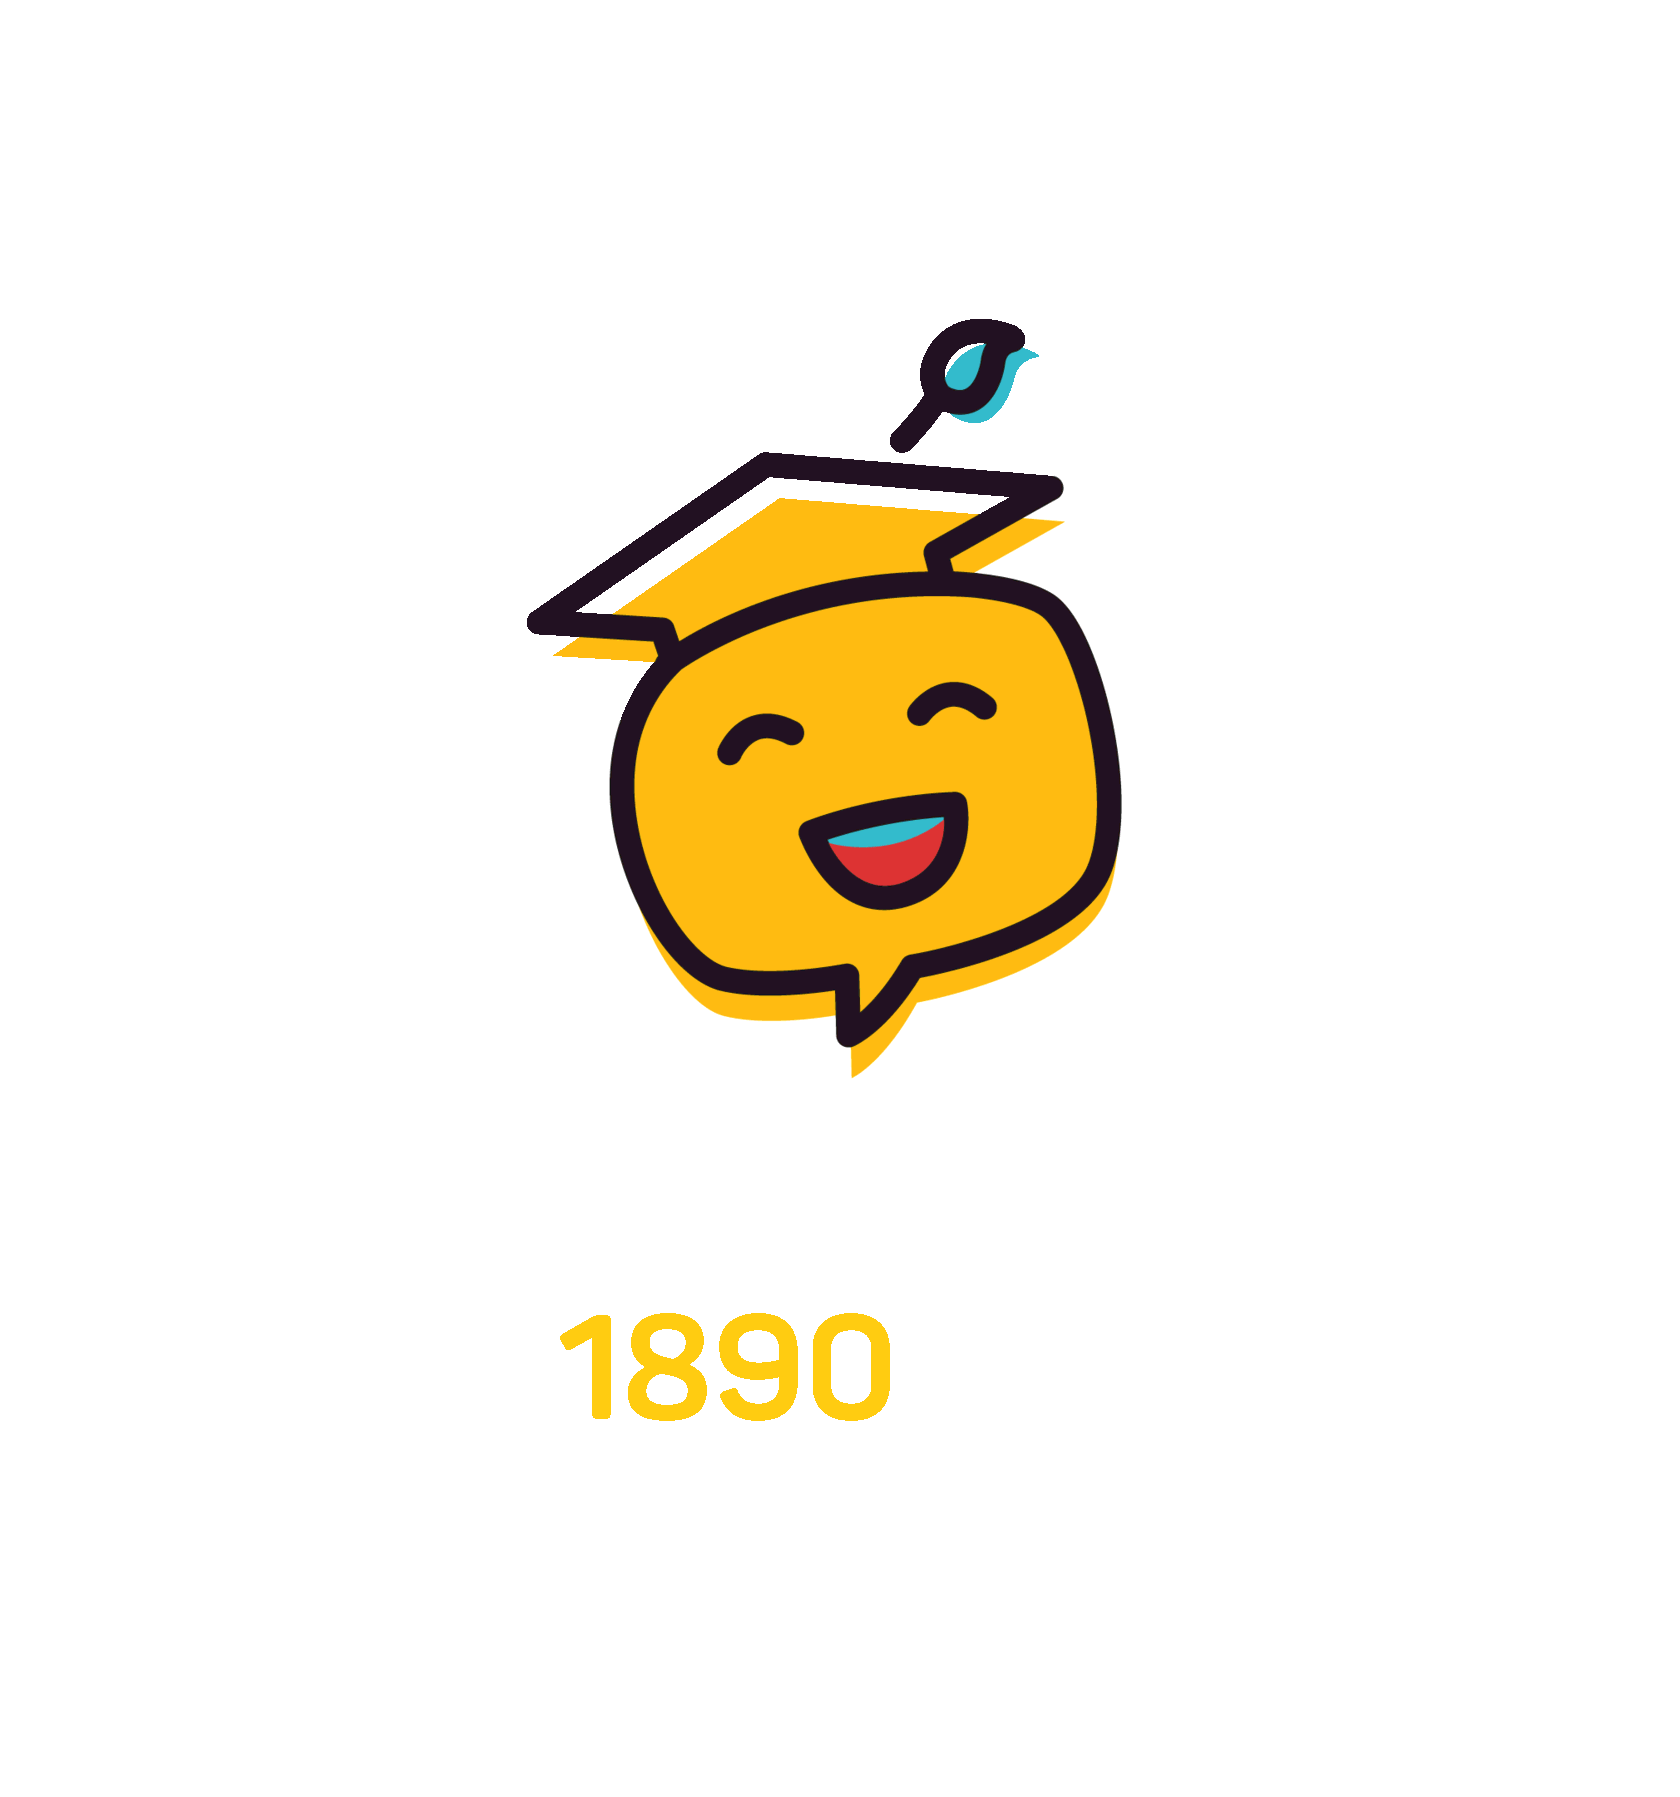 КУЛЬТУРНОЕ ПРОСТРАНСТВО БЕНУА 1890